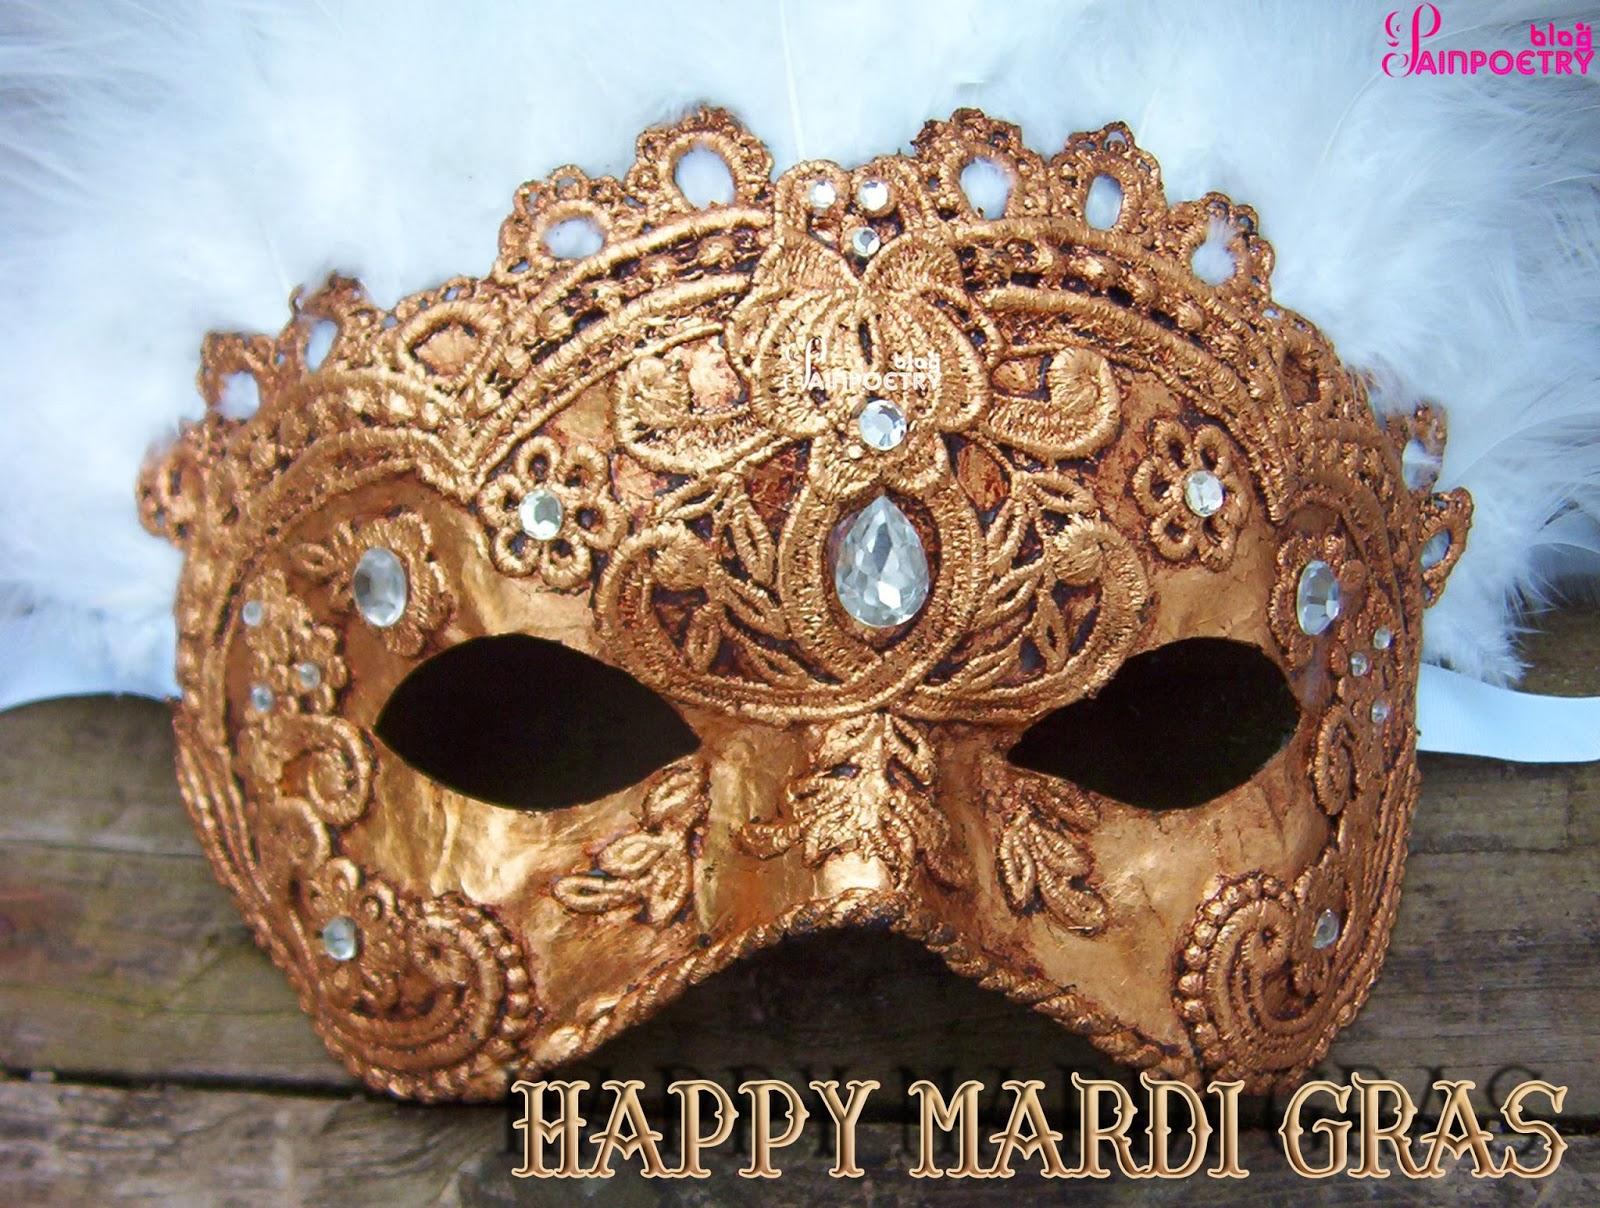 Mardi-Gras-Gold-Jeweled-Mask-Image-Photo-Wallpaper-HD